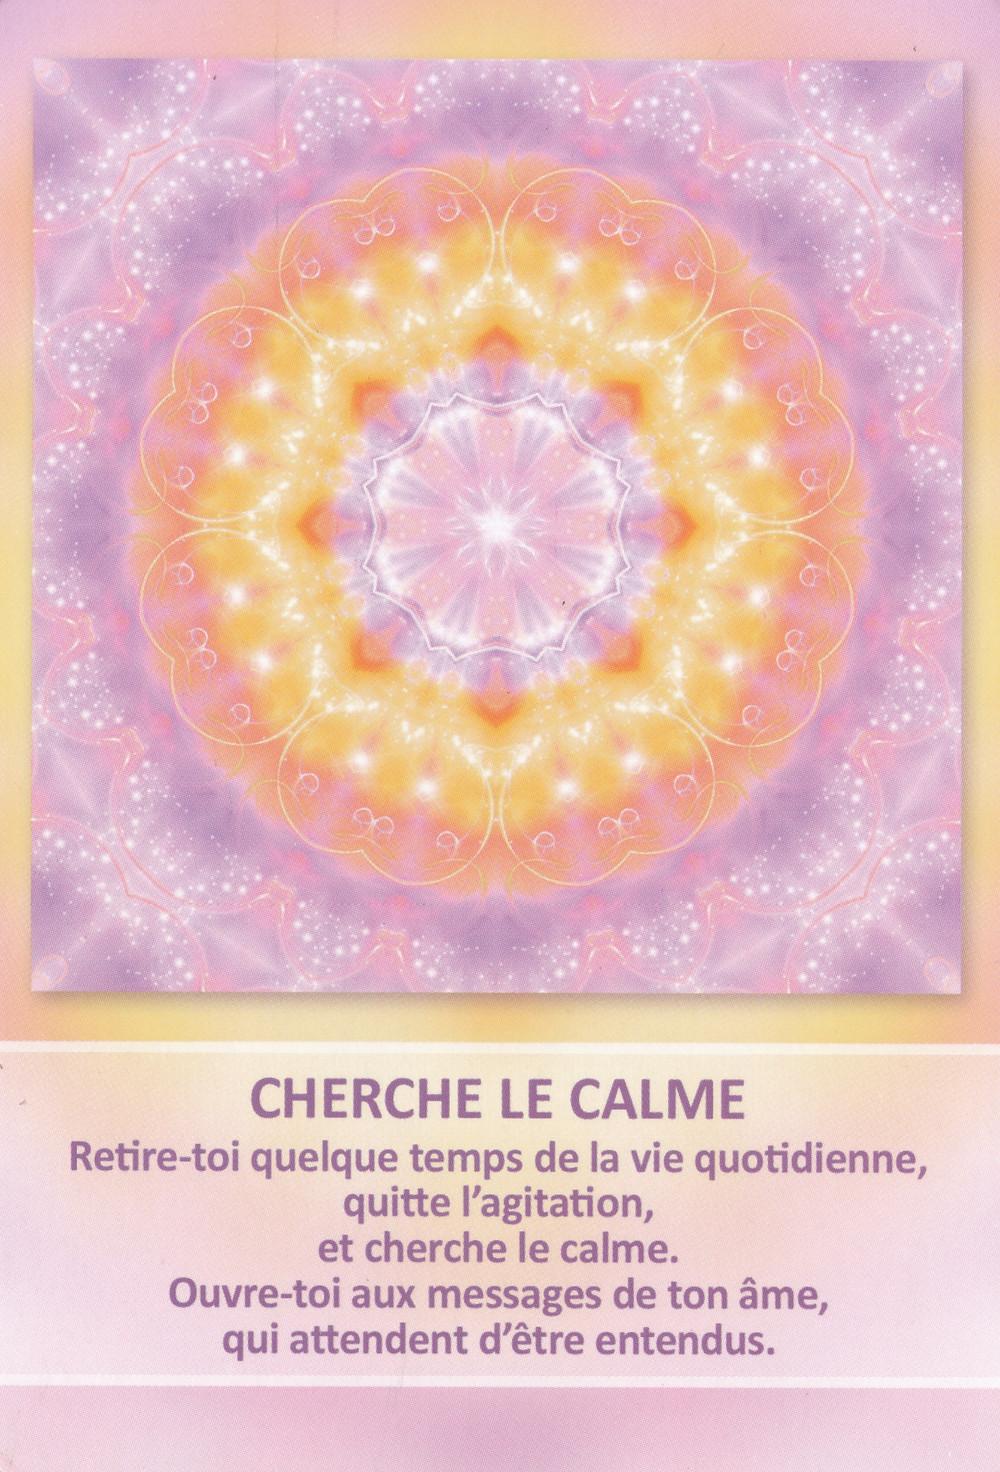 Carte de L'Oracle des Mandalas d'Énergie de Gaby Shayana Hoffmann - Cherche le calme - Conseils énergétiques du 14 janvier 2020 : Douceur et prendre Soin !